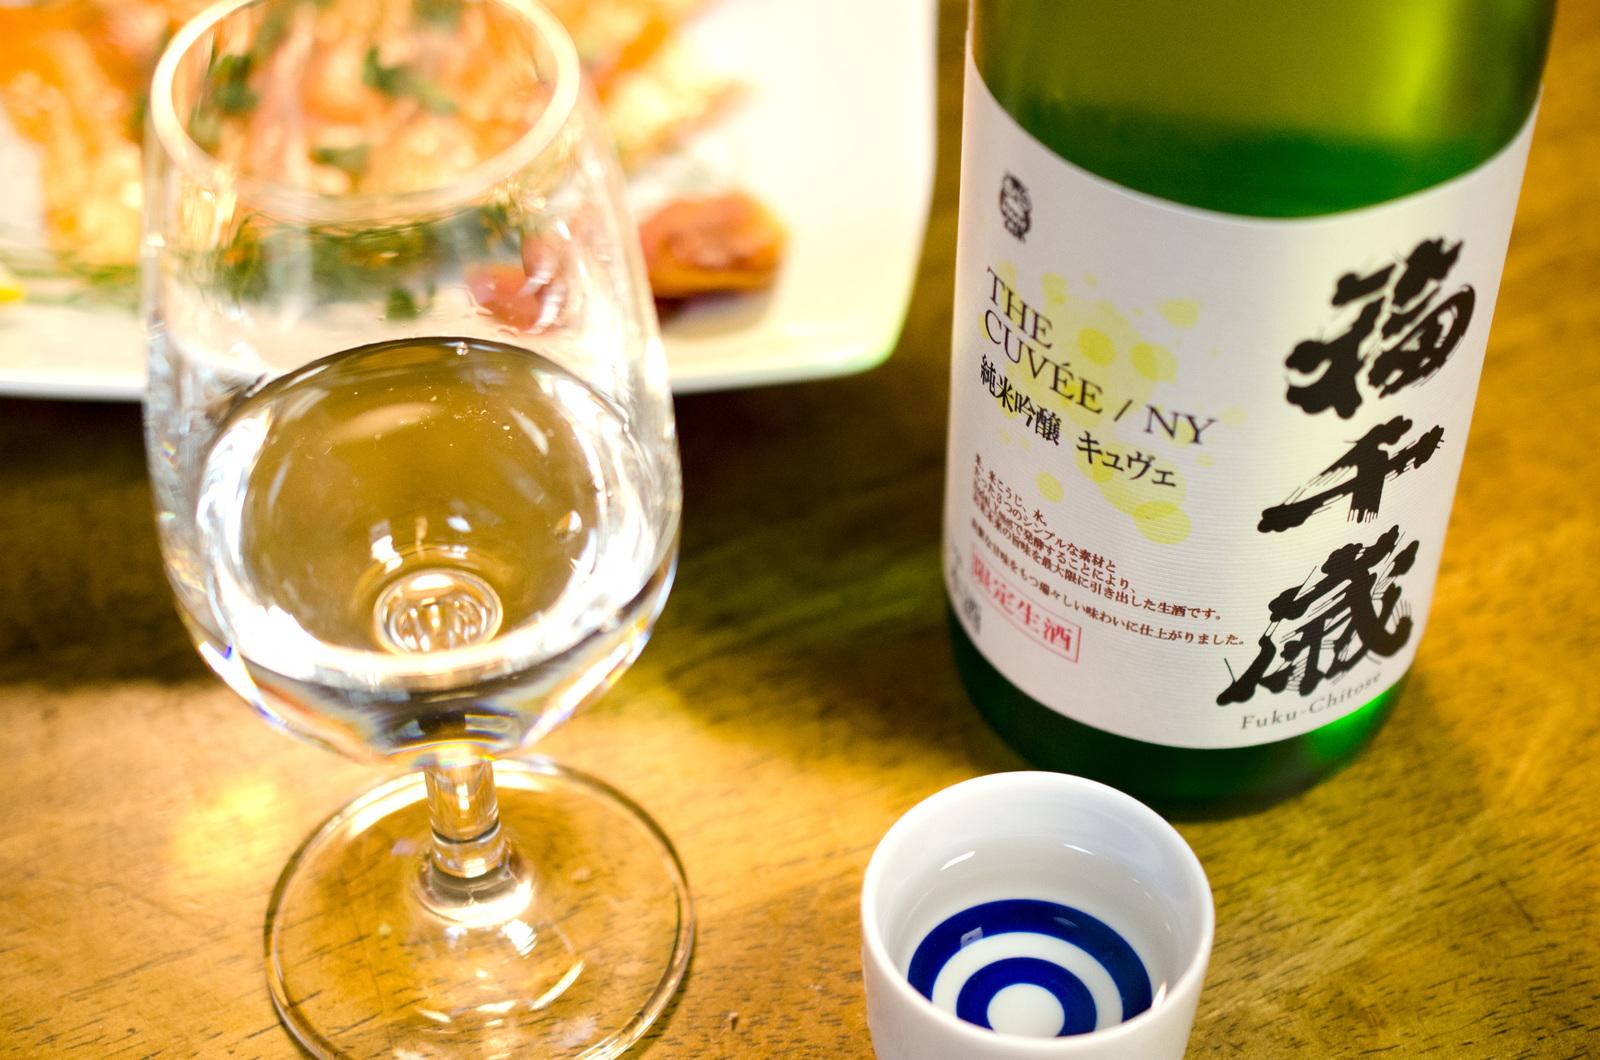 田嶋酒造 福千歳 純米吟醸 キュヴェ